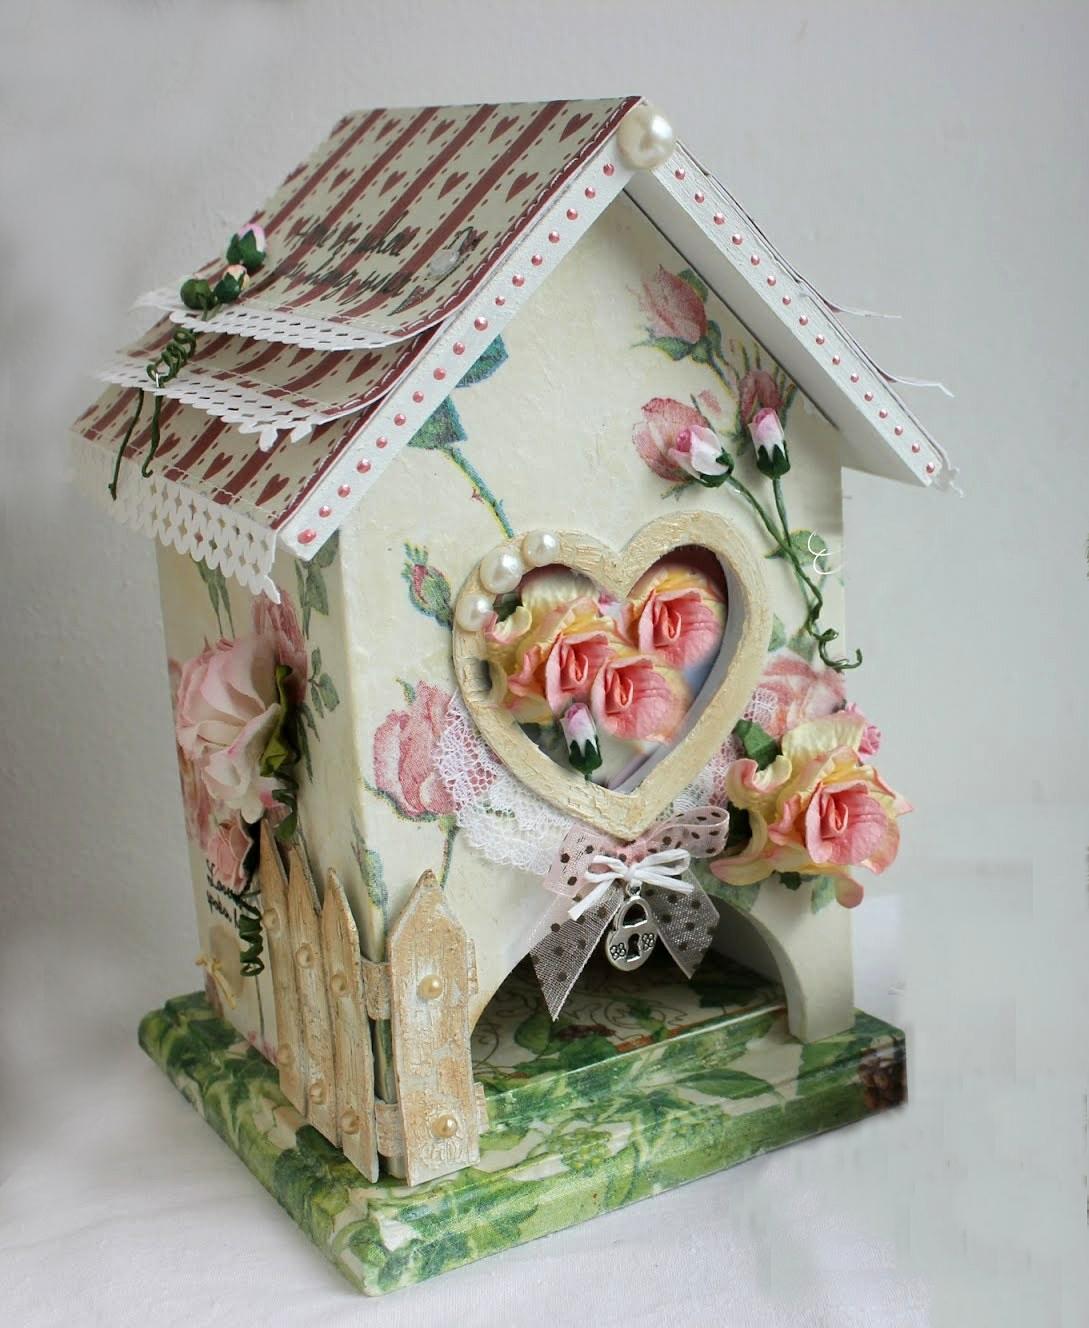 Декупаж чайного домика (31 фото): мастер-класс для начинающих. как своими руками оформить салфетками домик из деревянных заготовок в стиле прованс пошагово? творческие идеи для оформления